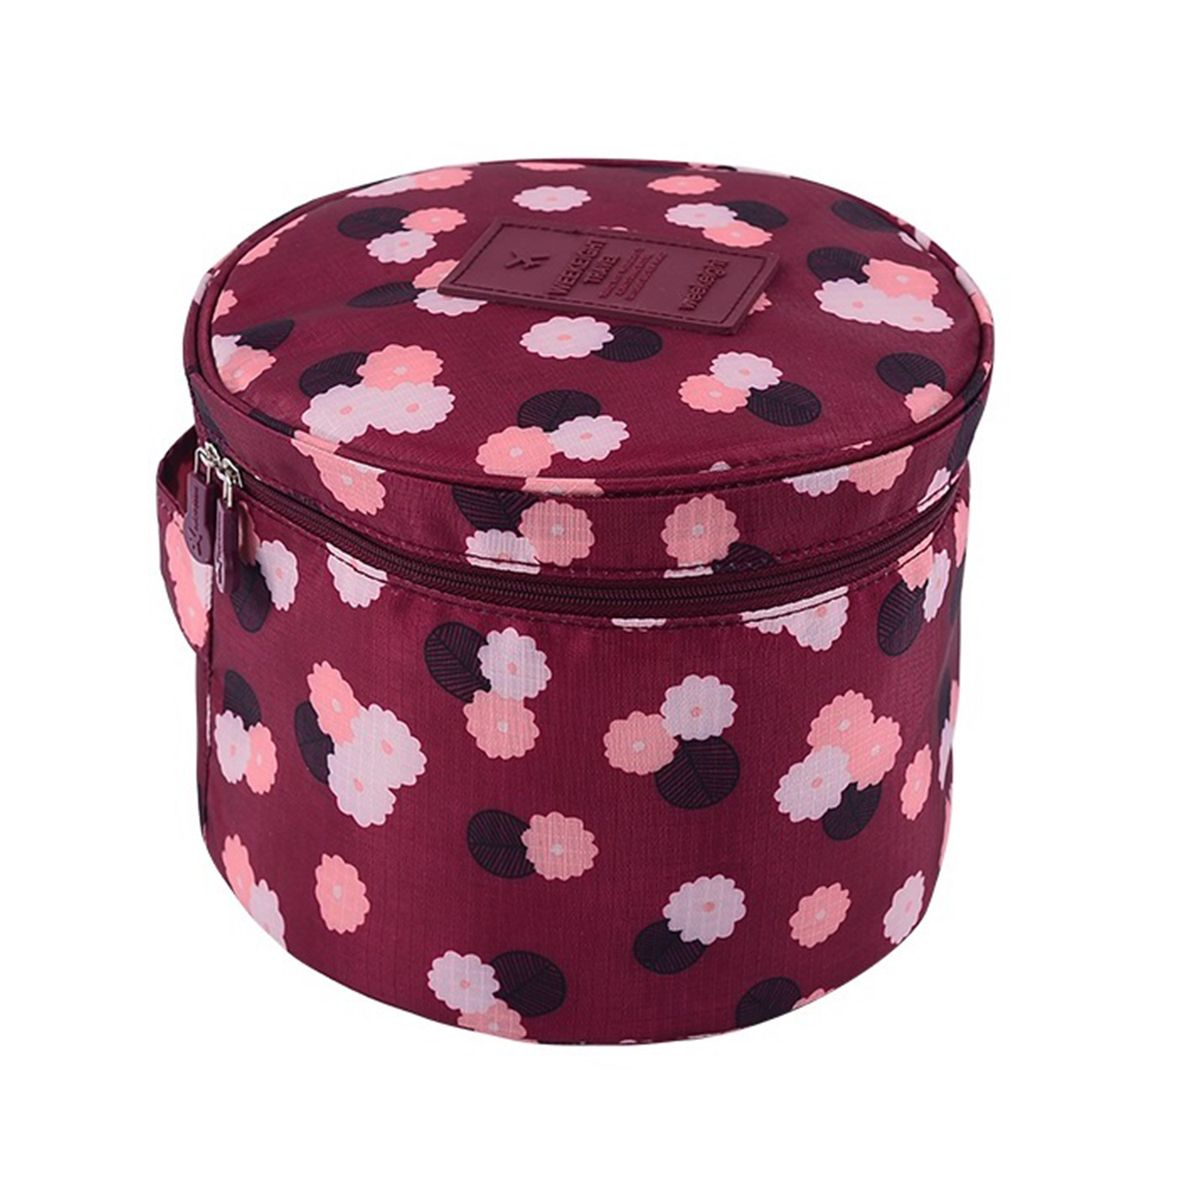 Органайзер для хранения Homsu Цветок, цвет: бордовый, белый, розовый, 19 x 19 x 14 см74-0120Органайзер для хранения Homsu Цветок выполнен из высококачественного полиэстера. Изделие круглой формы имеет множество карманов внутри, что позволяет удобно организовать хранение косметики, и других мелких предметов. Органайзер обладает высоким качеством материала и стильным дизайном. Сверху органайзера имеется ручка для переноски.